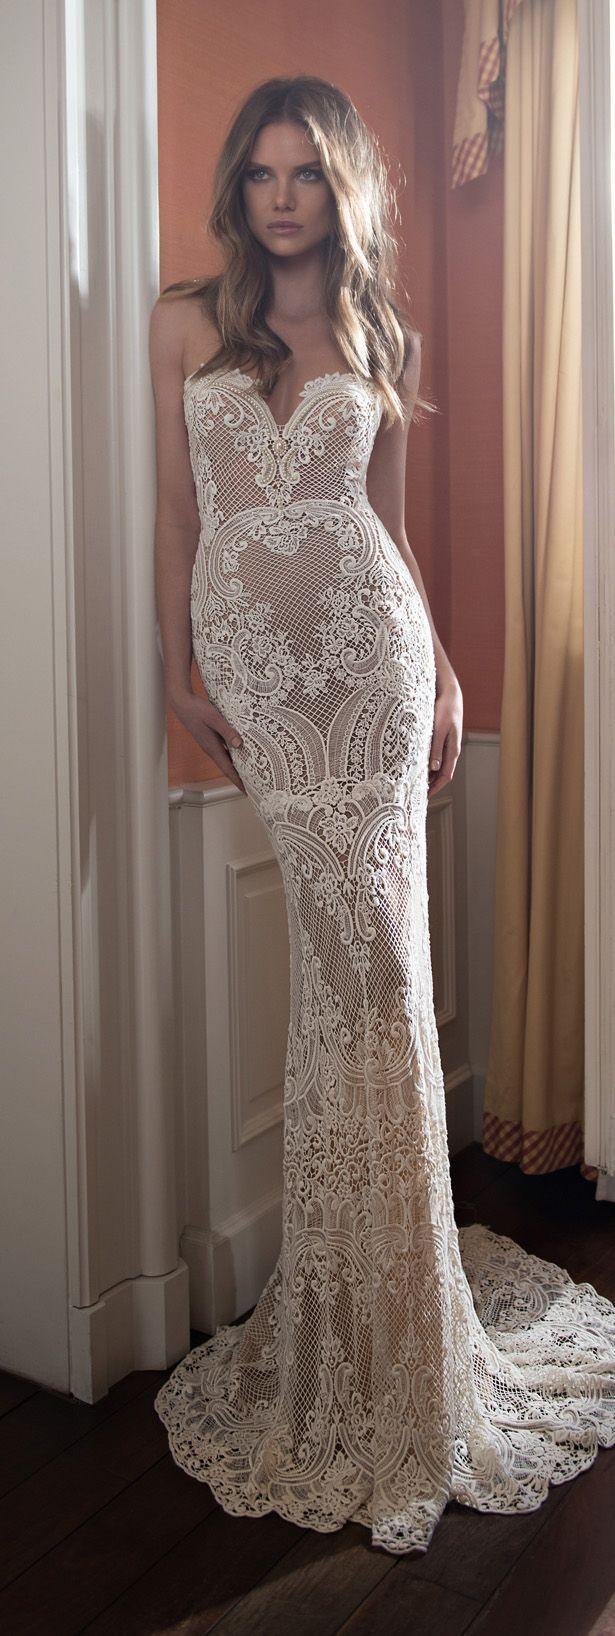 photo mariage robe 124 et plus encore sur www.robe2mariage.eu